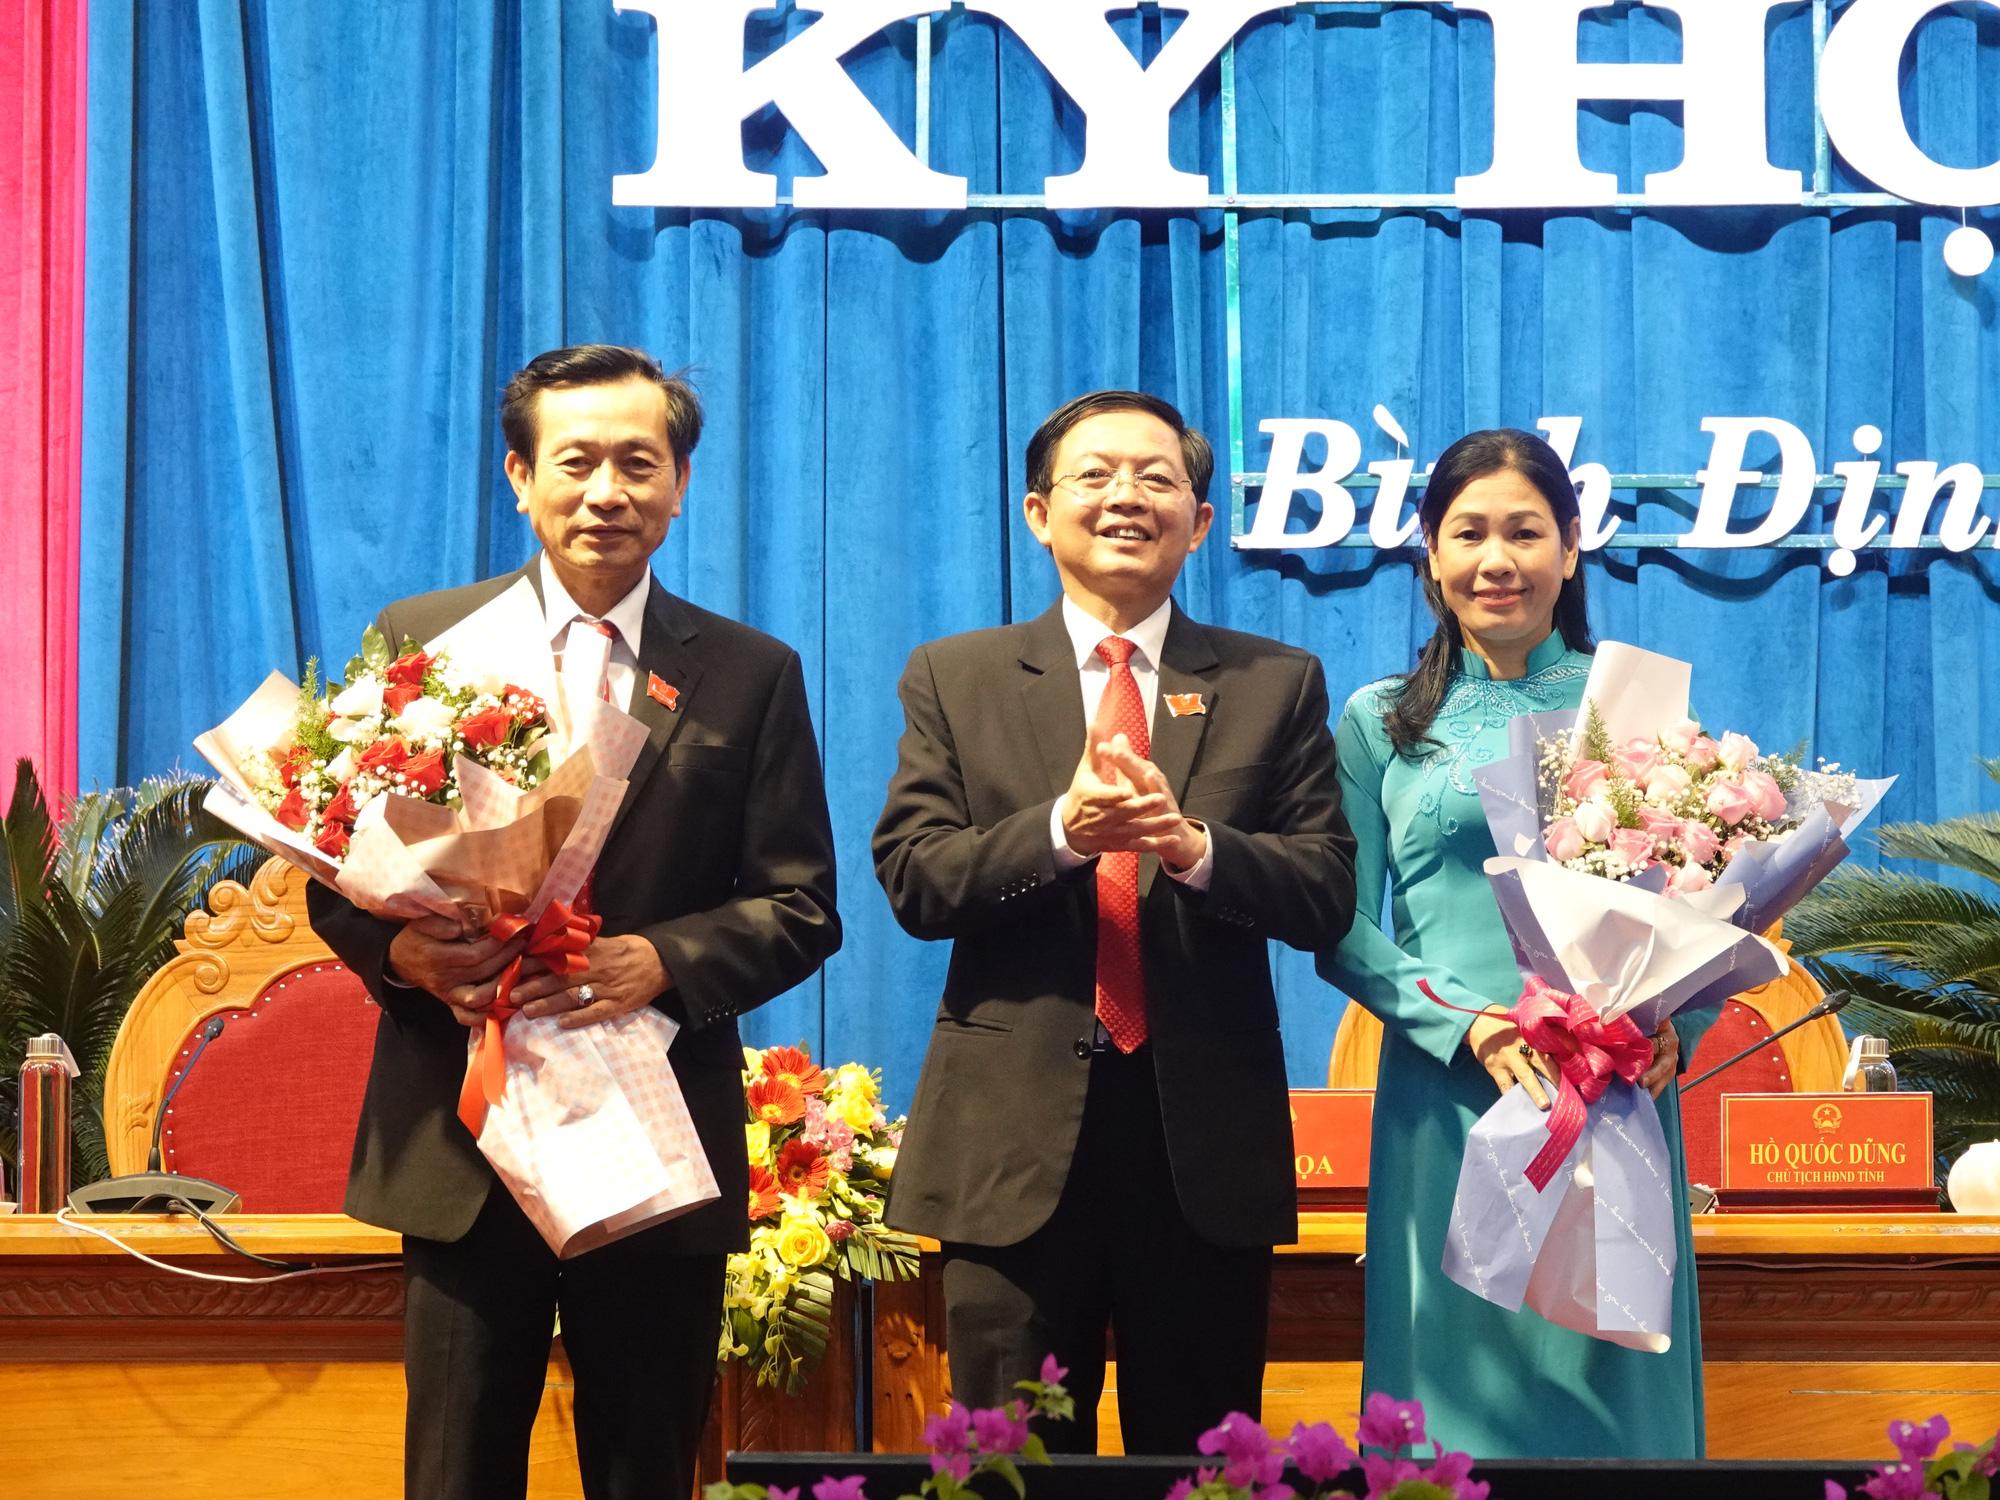 Bí thư Bình Định Hồ Quốc Dũng tái đắc cử chức Chủ tịch HĐND tỉnh - Ảnh 2.